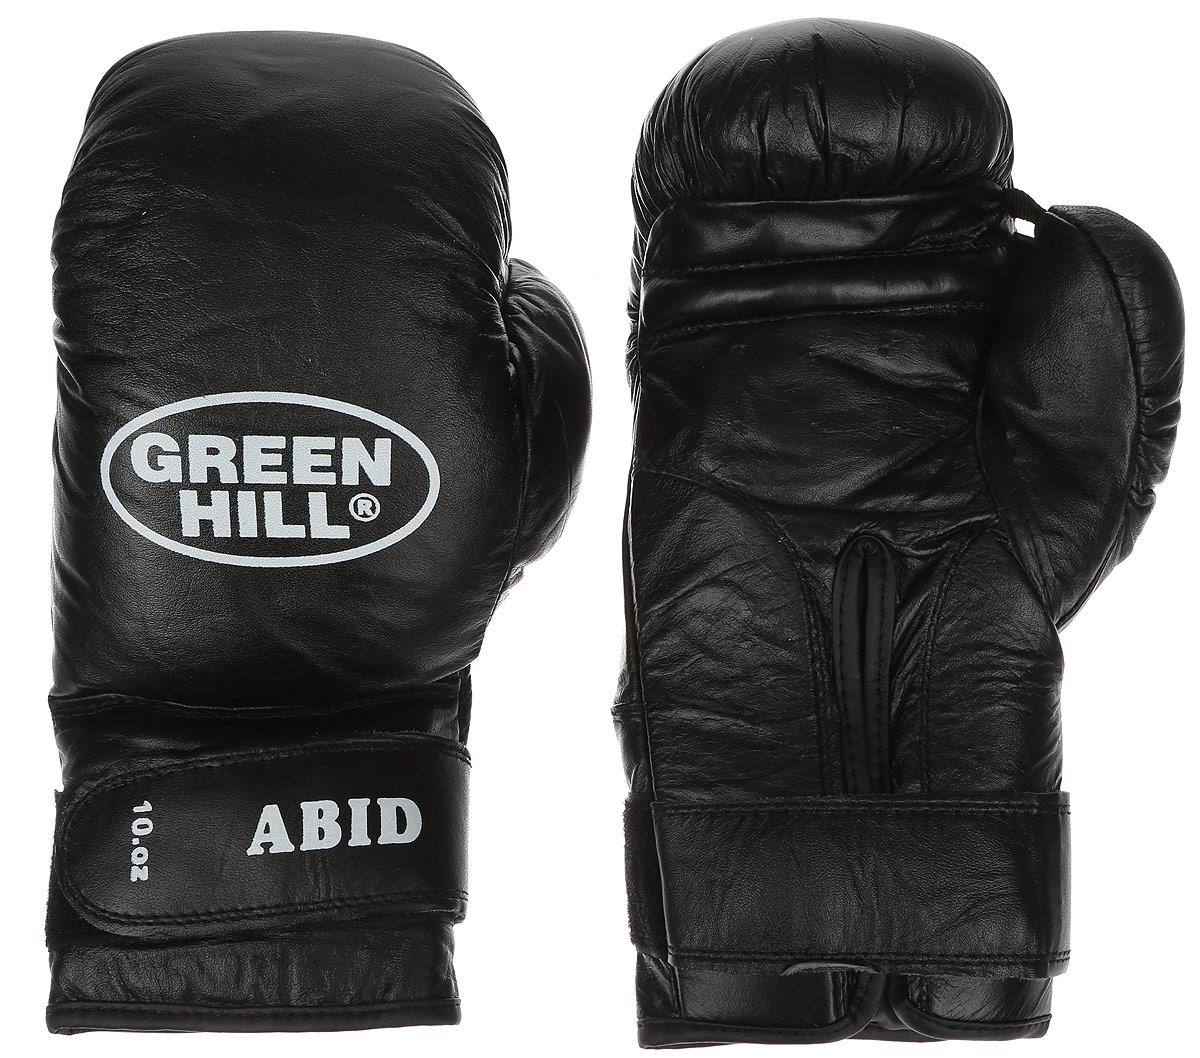 Перчатки боксерские Green Hill Abid, цвет: черный, белый. Вес 10 унцийG-2024310Боксерские тренировочные перчатки Green Hill Abid выполнены из натуральной кожи. Они отлично подойдут для начинающих спортсменов. Мягкий наполнитель из очеса предотвращает любые травмы. Отверстия в районе ладони обеспечивают вентиляцию. Широкий ремень, охватывая запястье, полностью оборачивается вокруг манжеты, благодаря чему создается дополнительная защита лучезапястного сустава от травмирования. Застежка на липучке способствует быстрому и удобному одеванию перчаток, плотно фиксирует перчатки на руке.